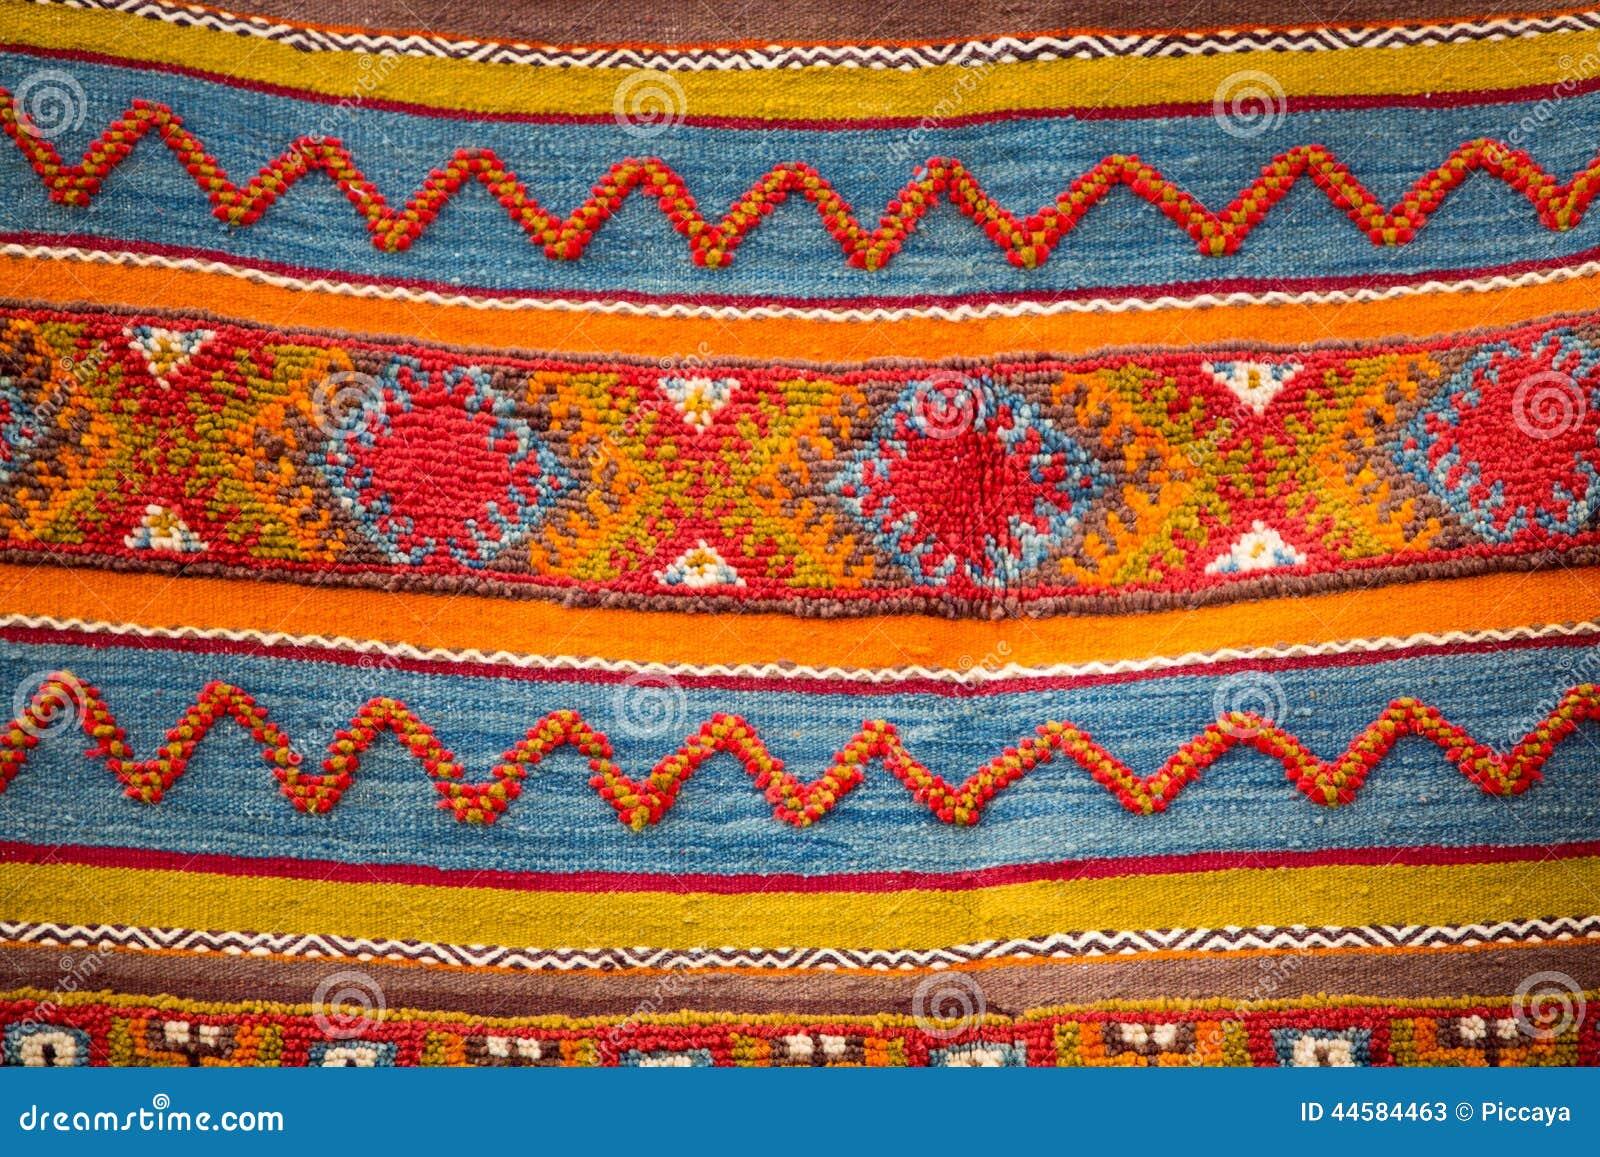 moroccan berber carpet background stock image image of. Black Bedroom Furniture Sets. Home Design Ideas